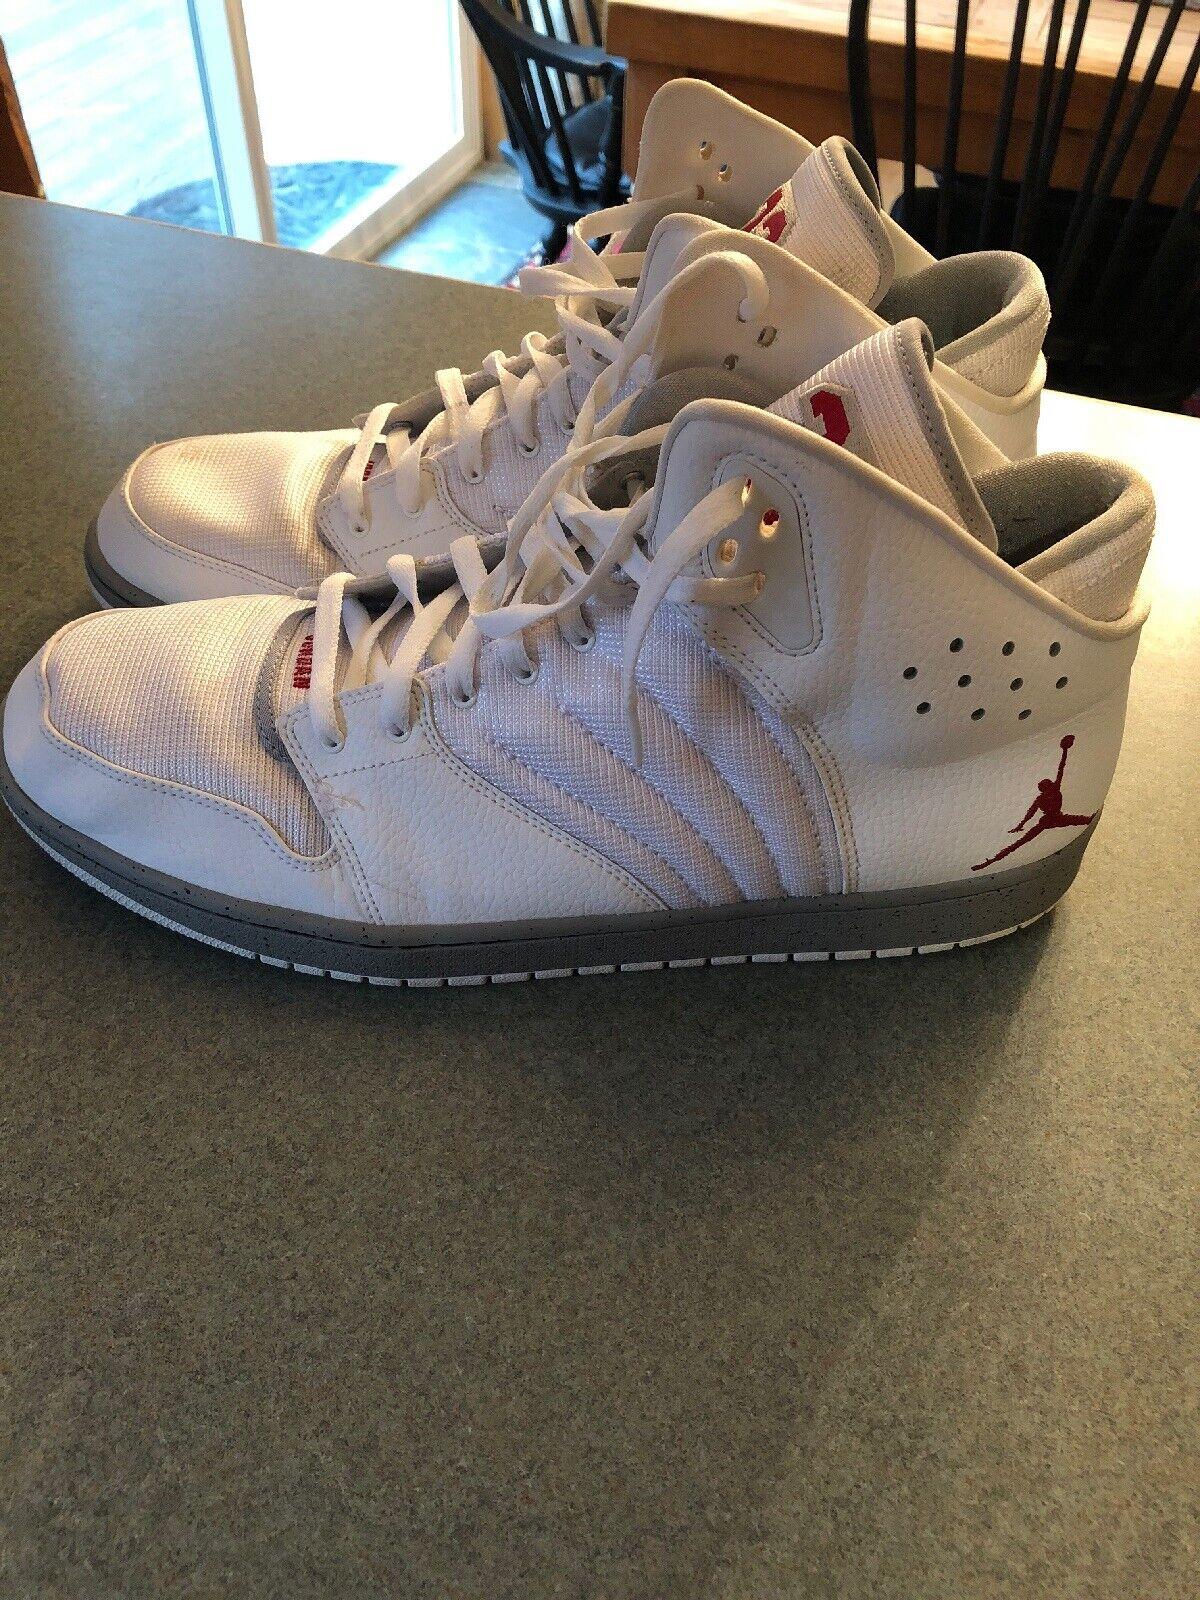 Men's Jordan Flight 23 Sneaker Size 16             838818 –103